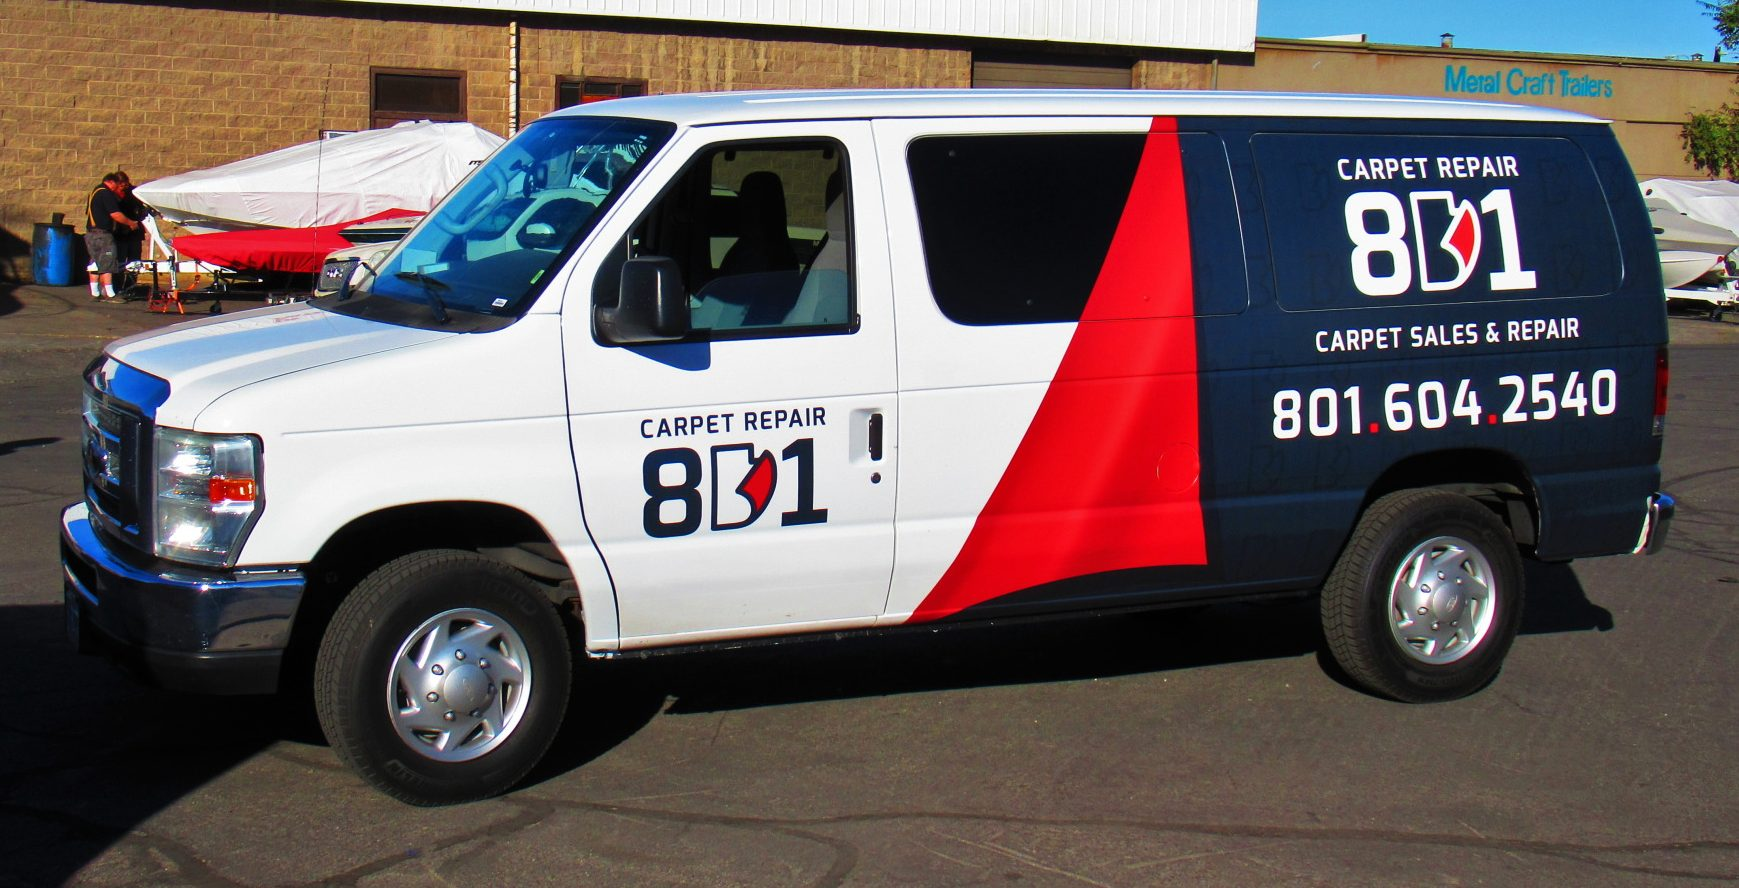 Van wrapped for Carpet Repair 801